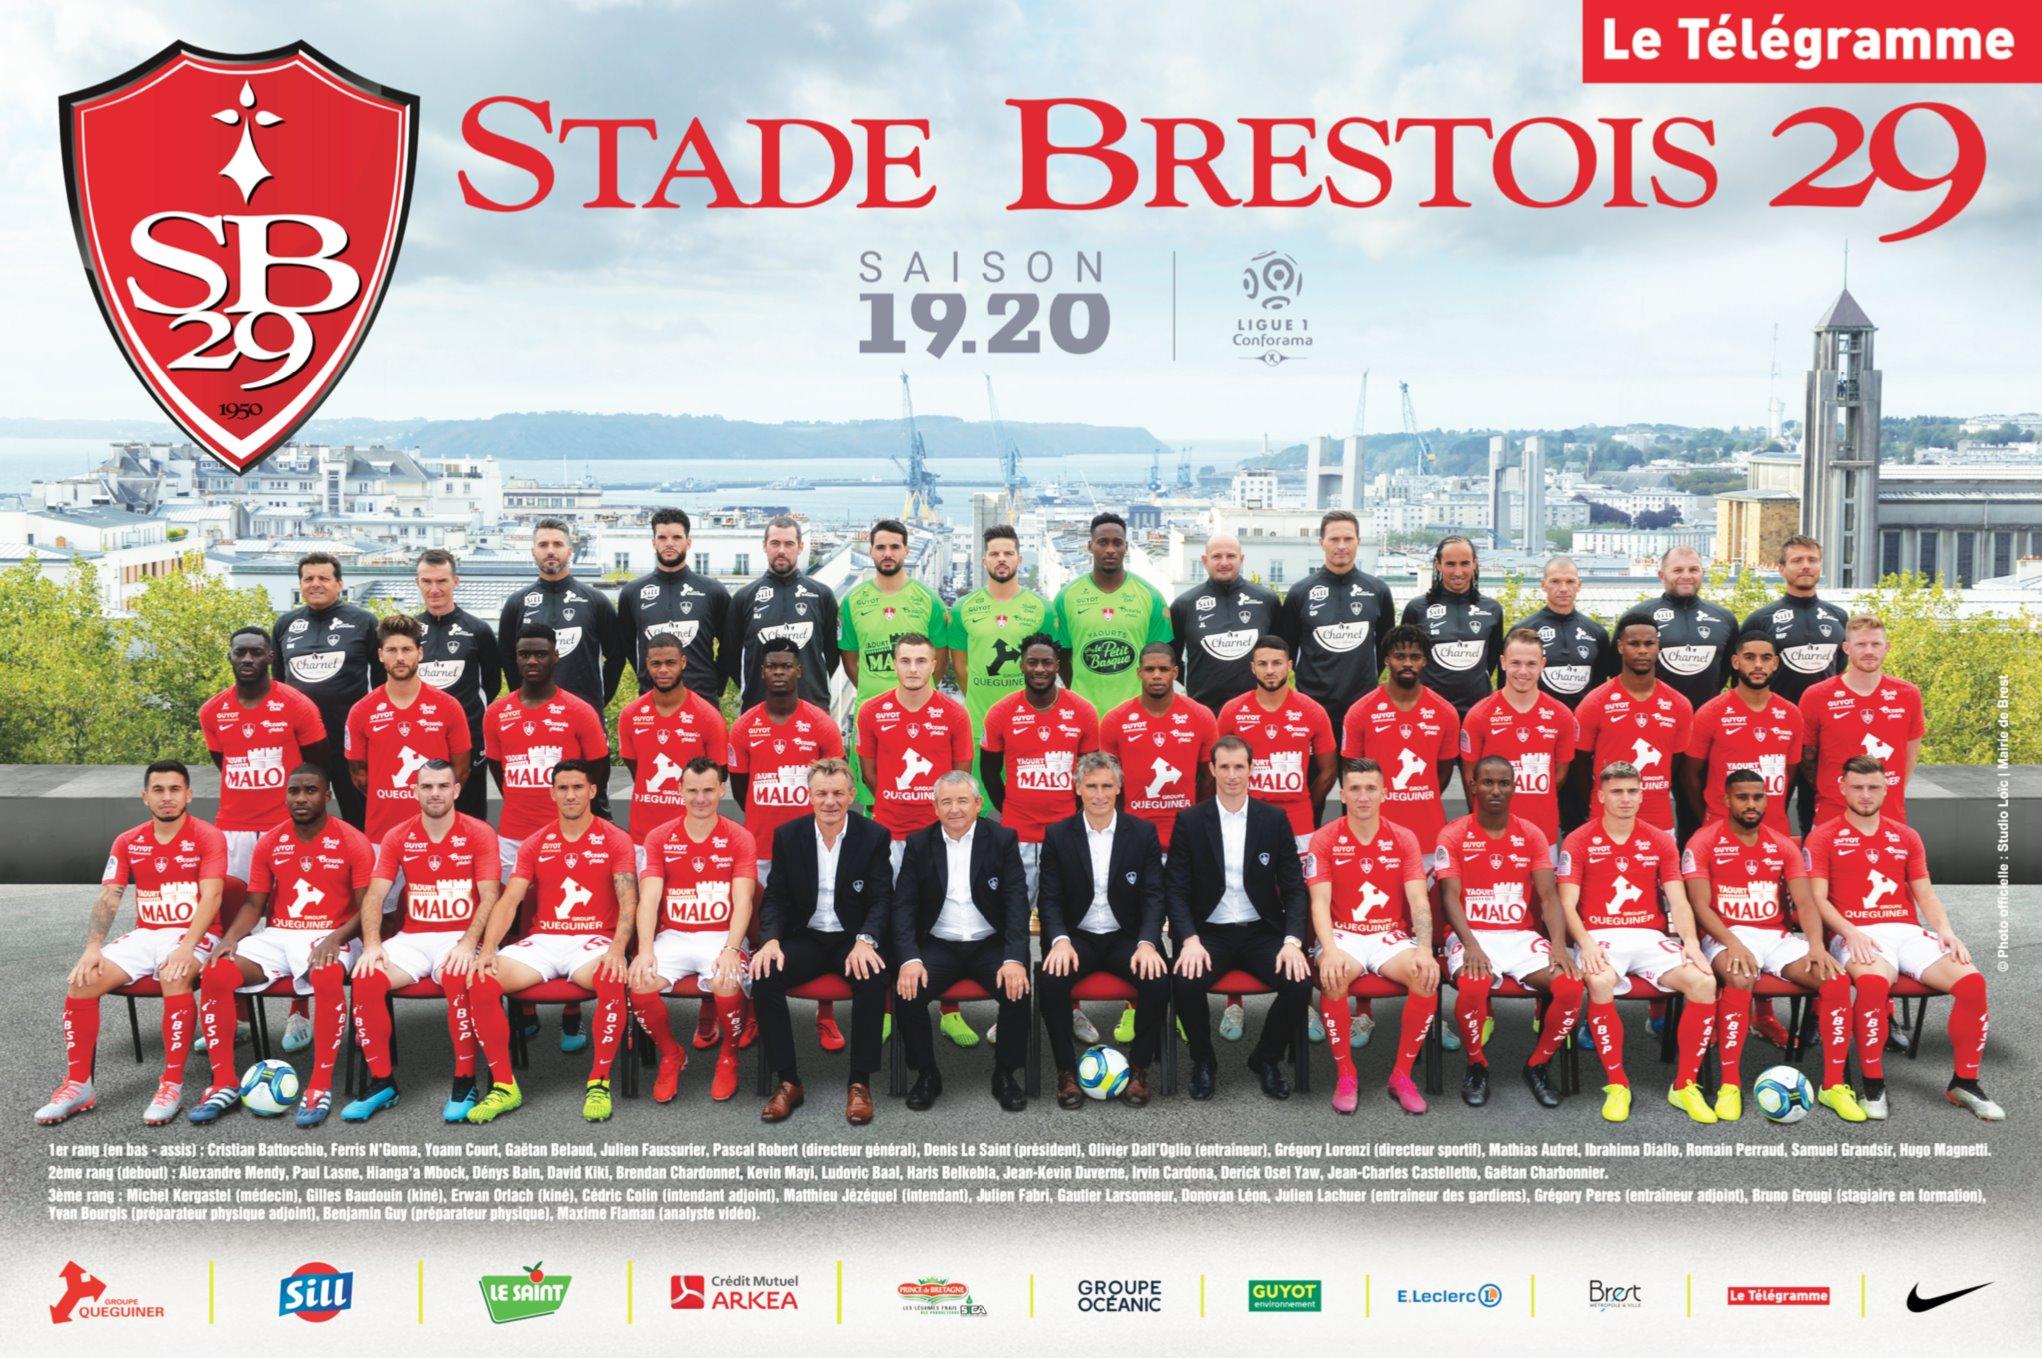 Jadwal Skuad Brest 2020